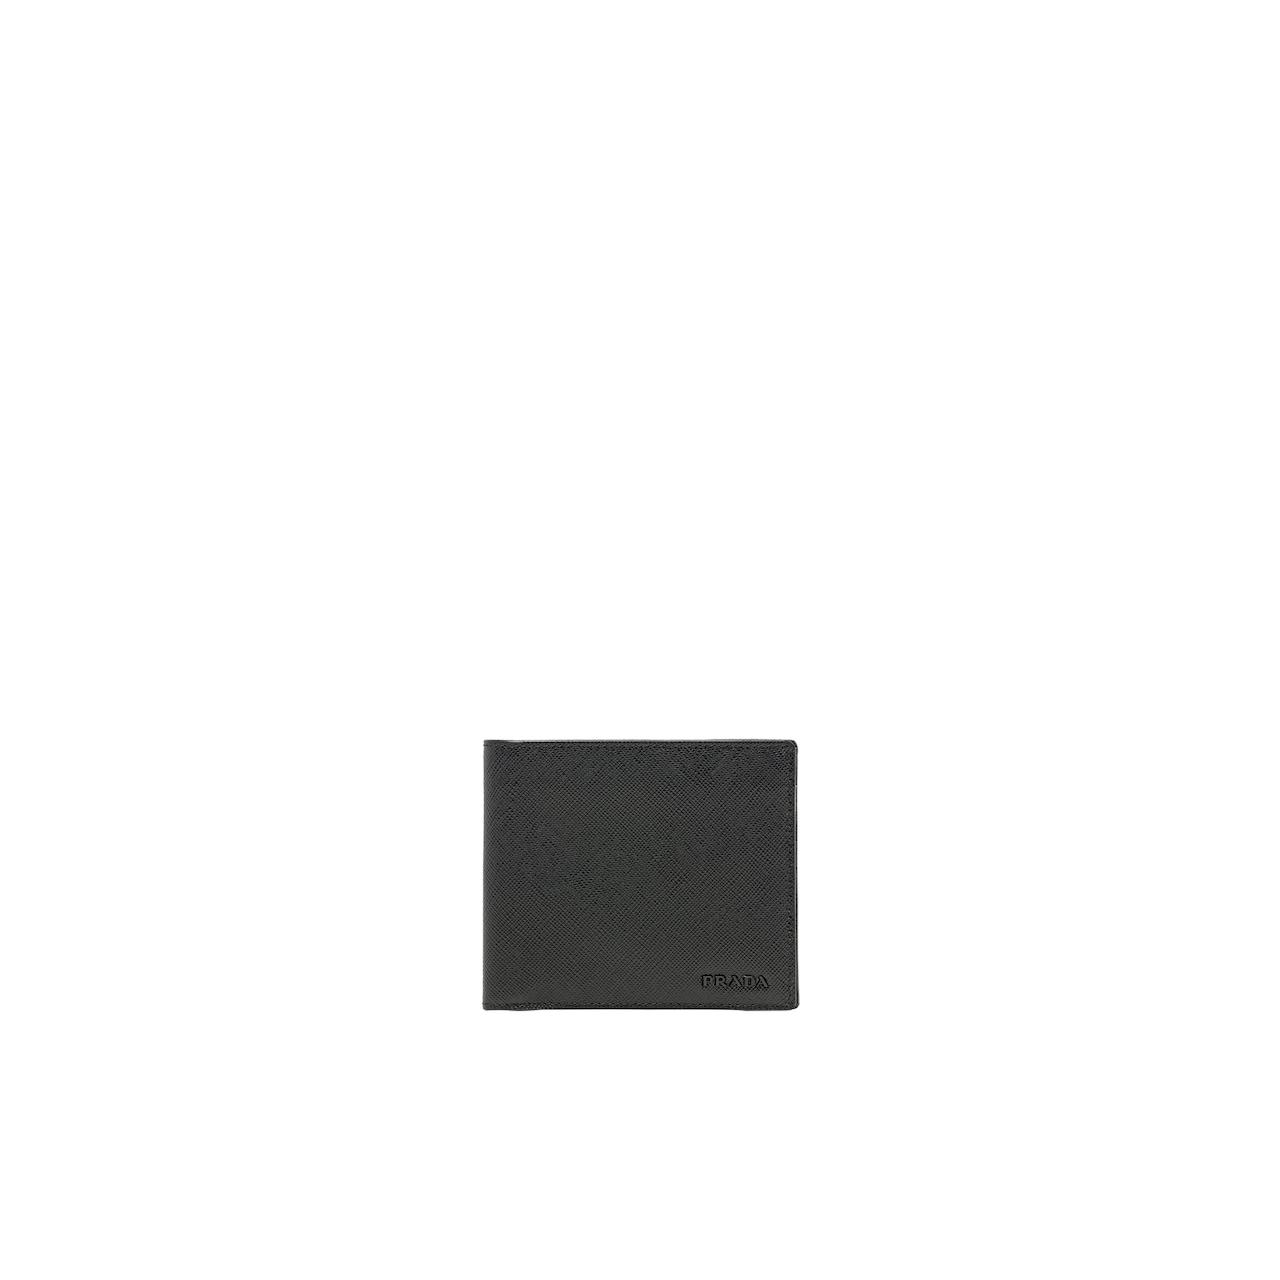 Prada Saffiano 皮革钱夹 1